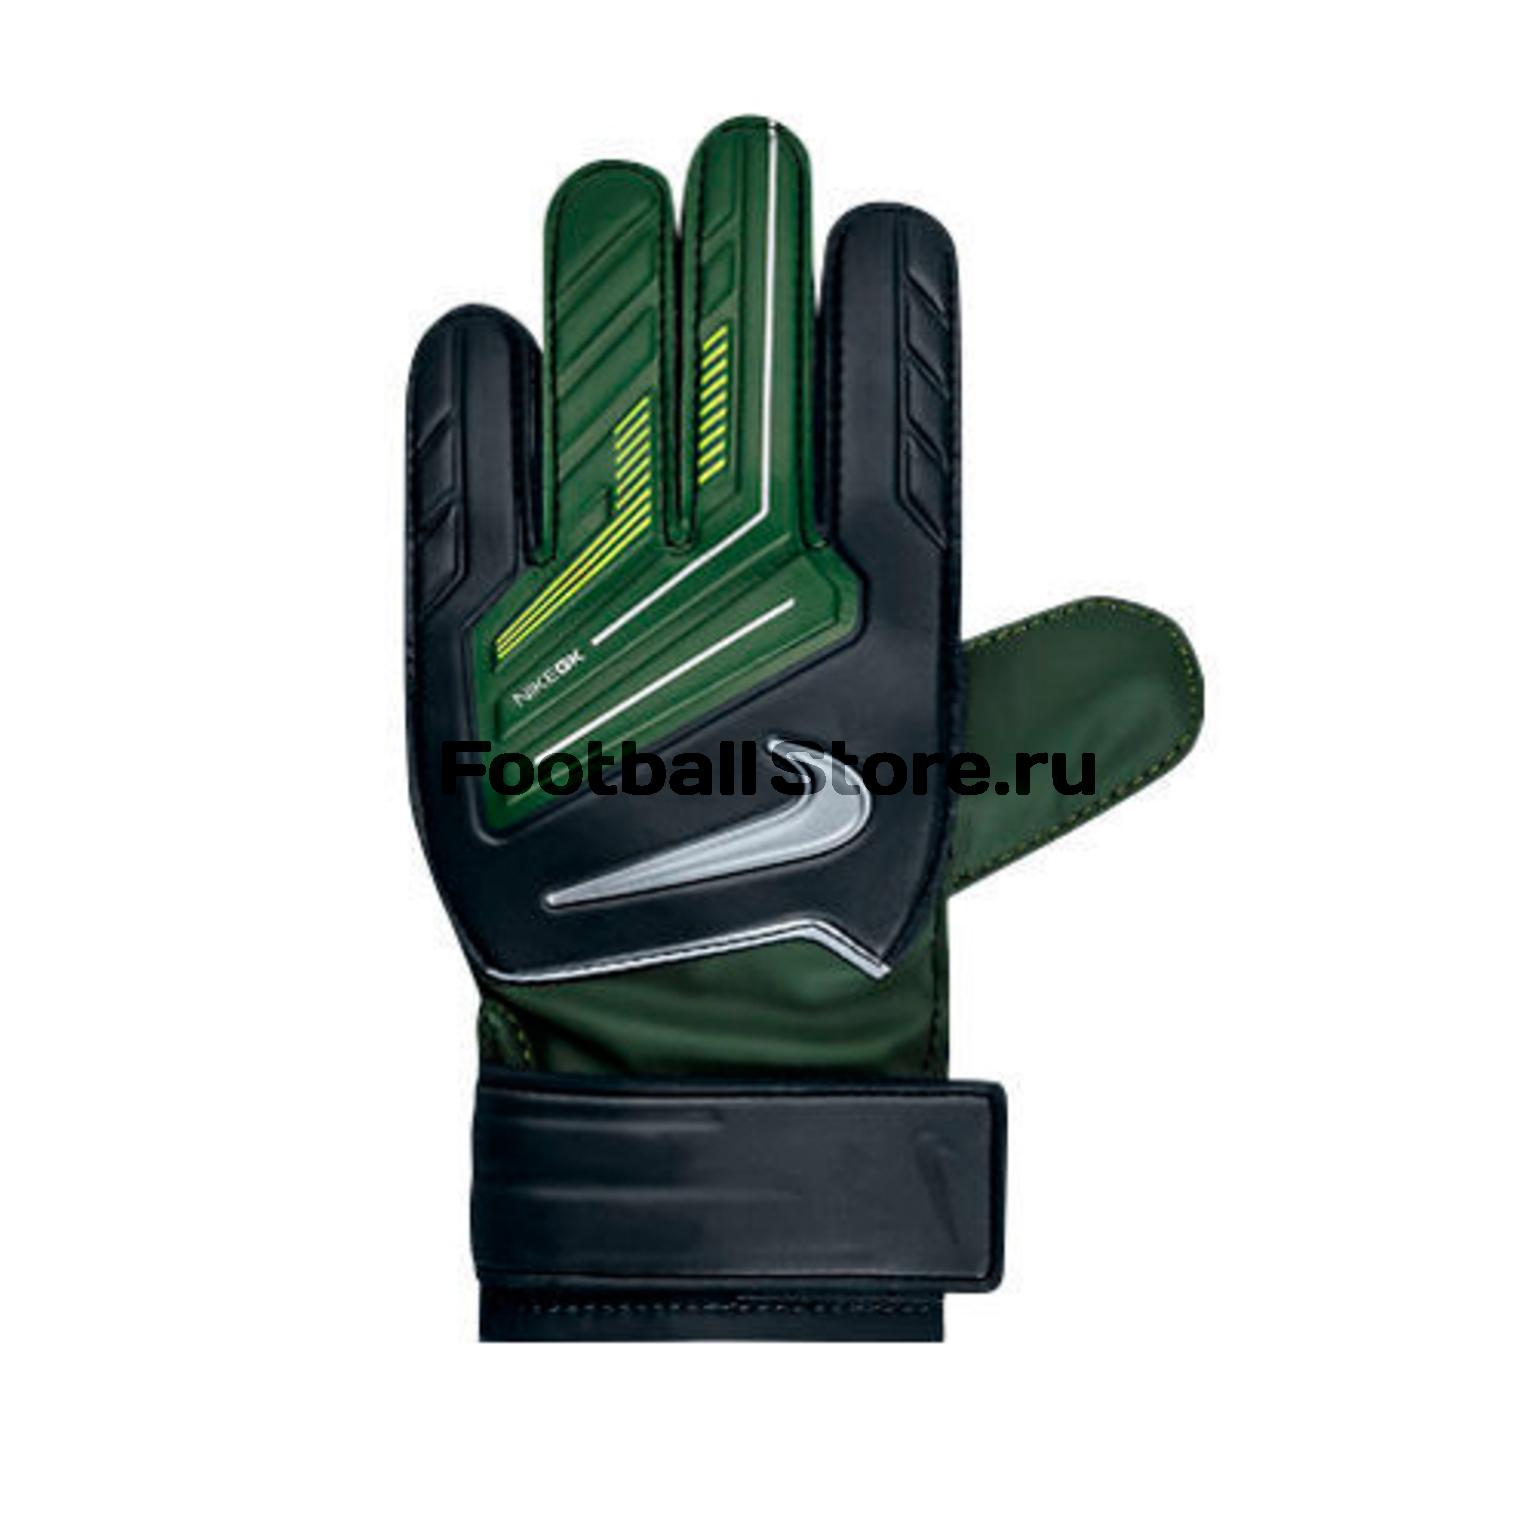 Вратарская экипировка Nike Перчатки вратарские детские Nike GK Grip JR GS0260-037